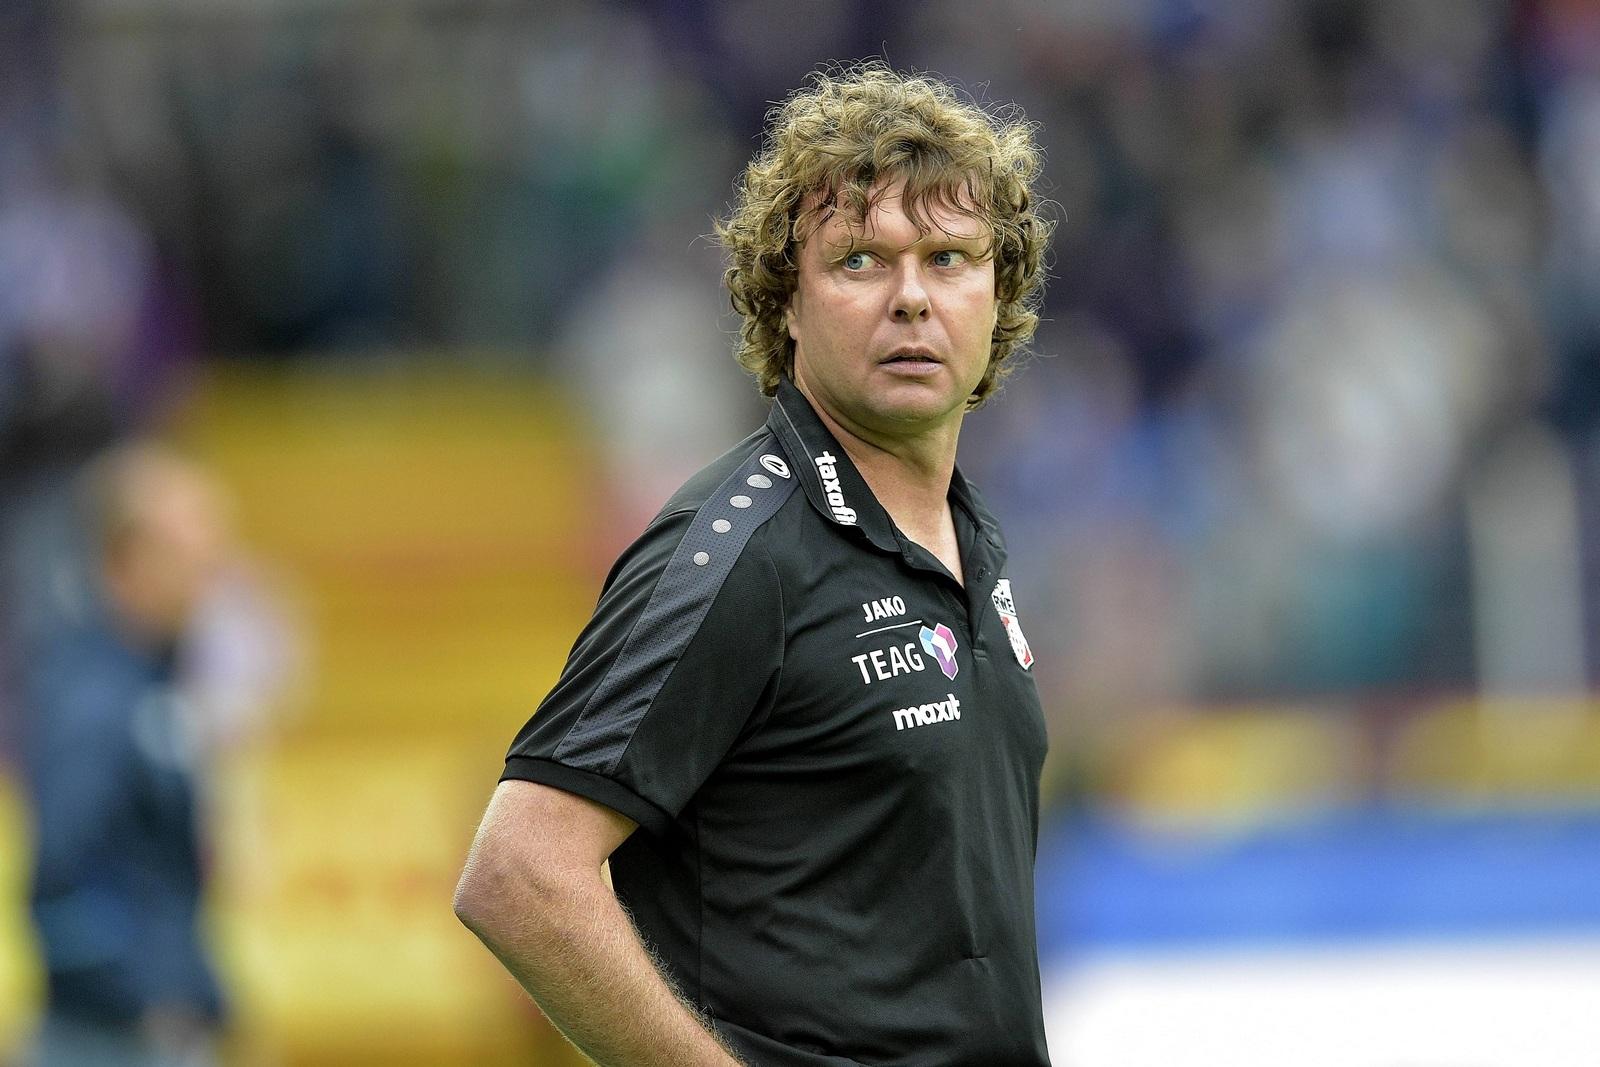 Stefan Krämer von RWE